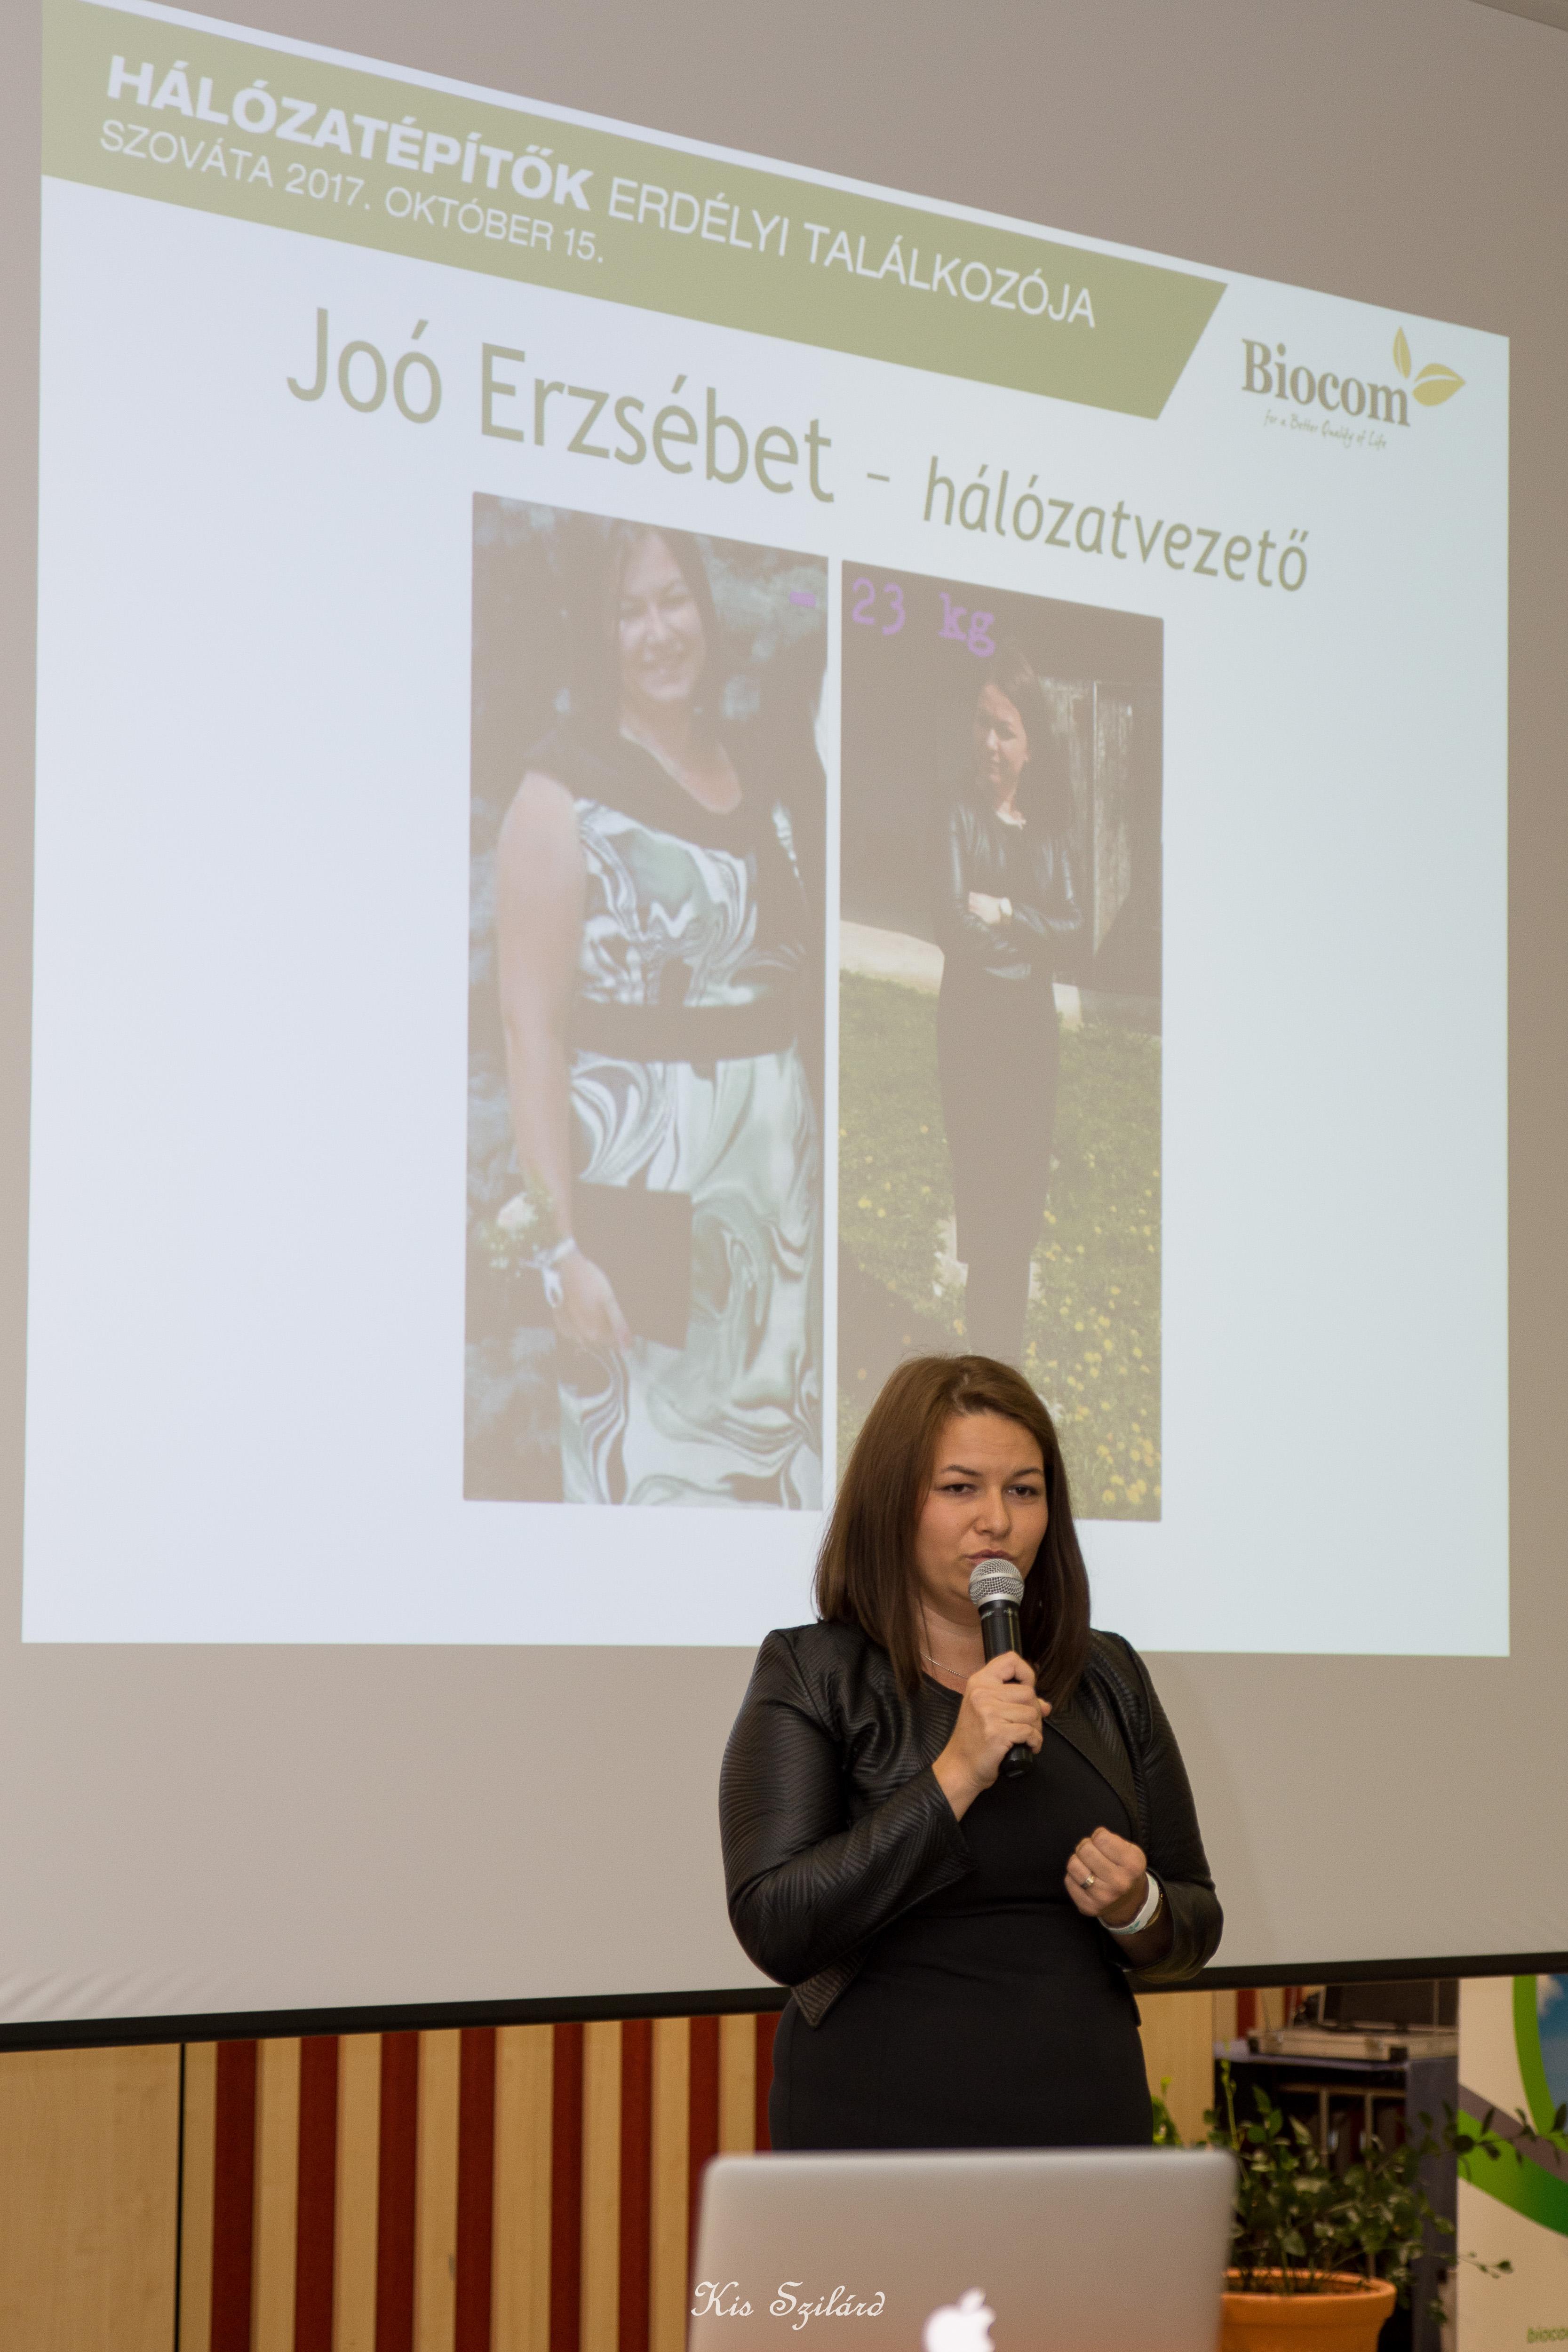 """Joó Erzsébet, a Hermann csapat új vezetője a Sinka-Gyuris-ágon """"szokássá"""" vált """"elvárásról"""" beszélt, ugyanis gyakorlatilag három hónap alatt érte el a hálózatvezetői szintet"""